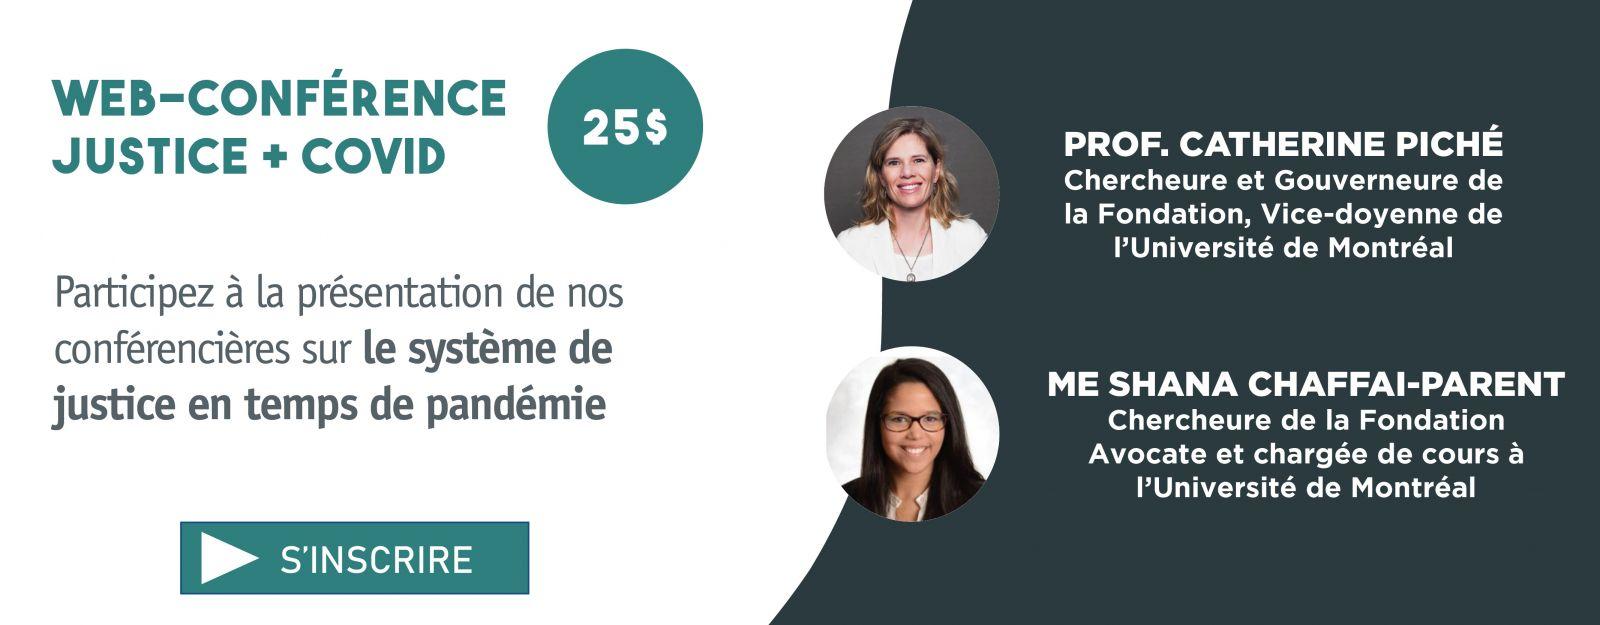 Participez à la présentation de nos conférencières sur le système de justice en temps de pandémie